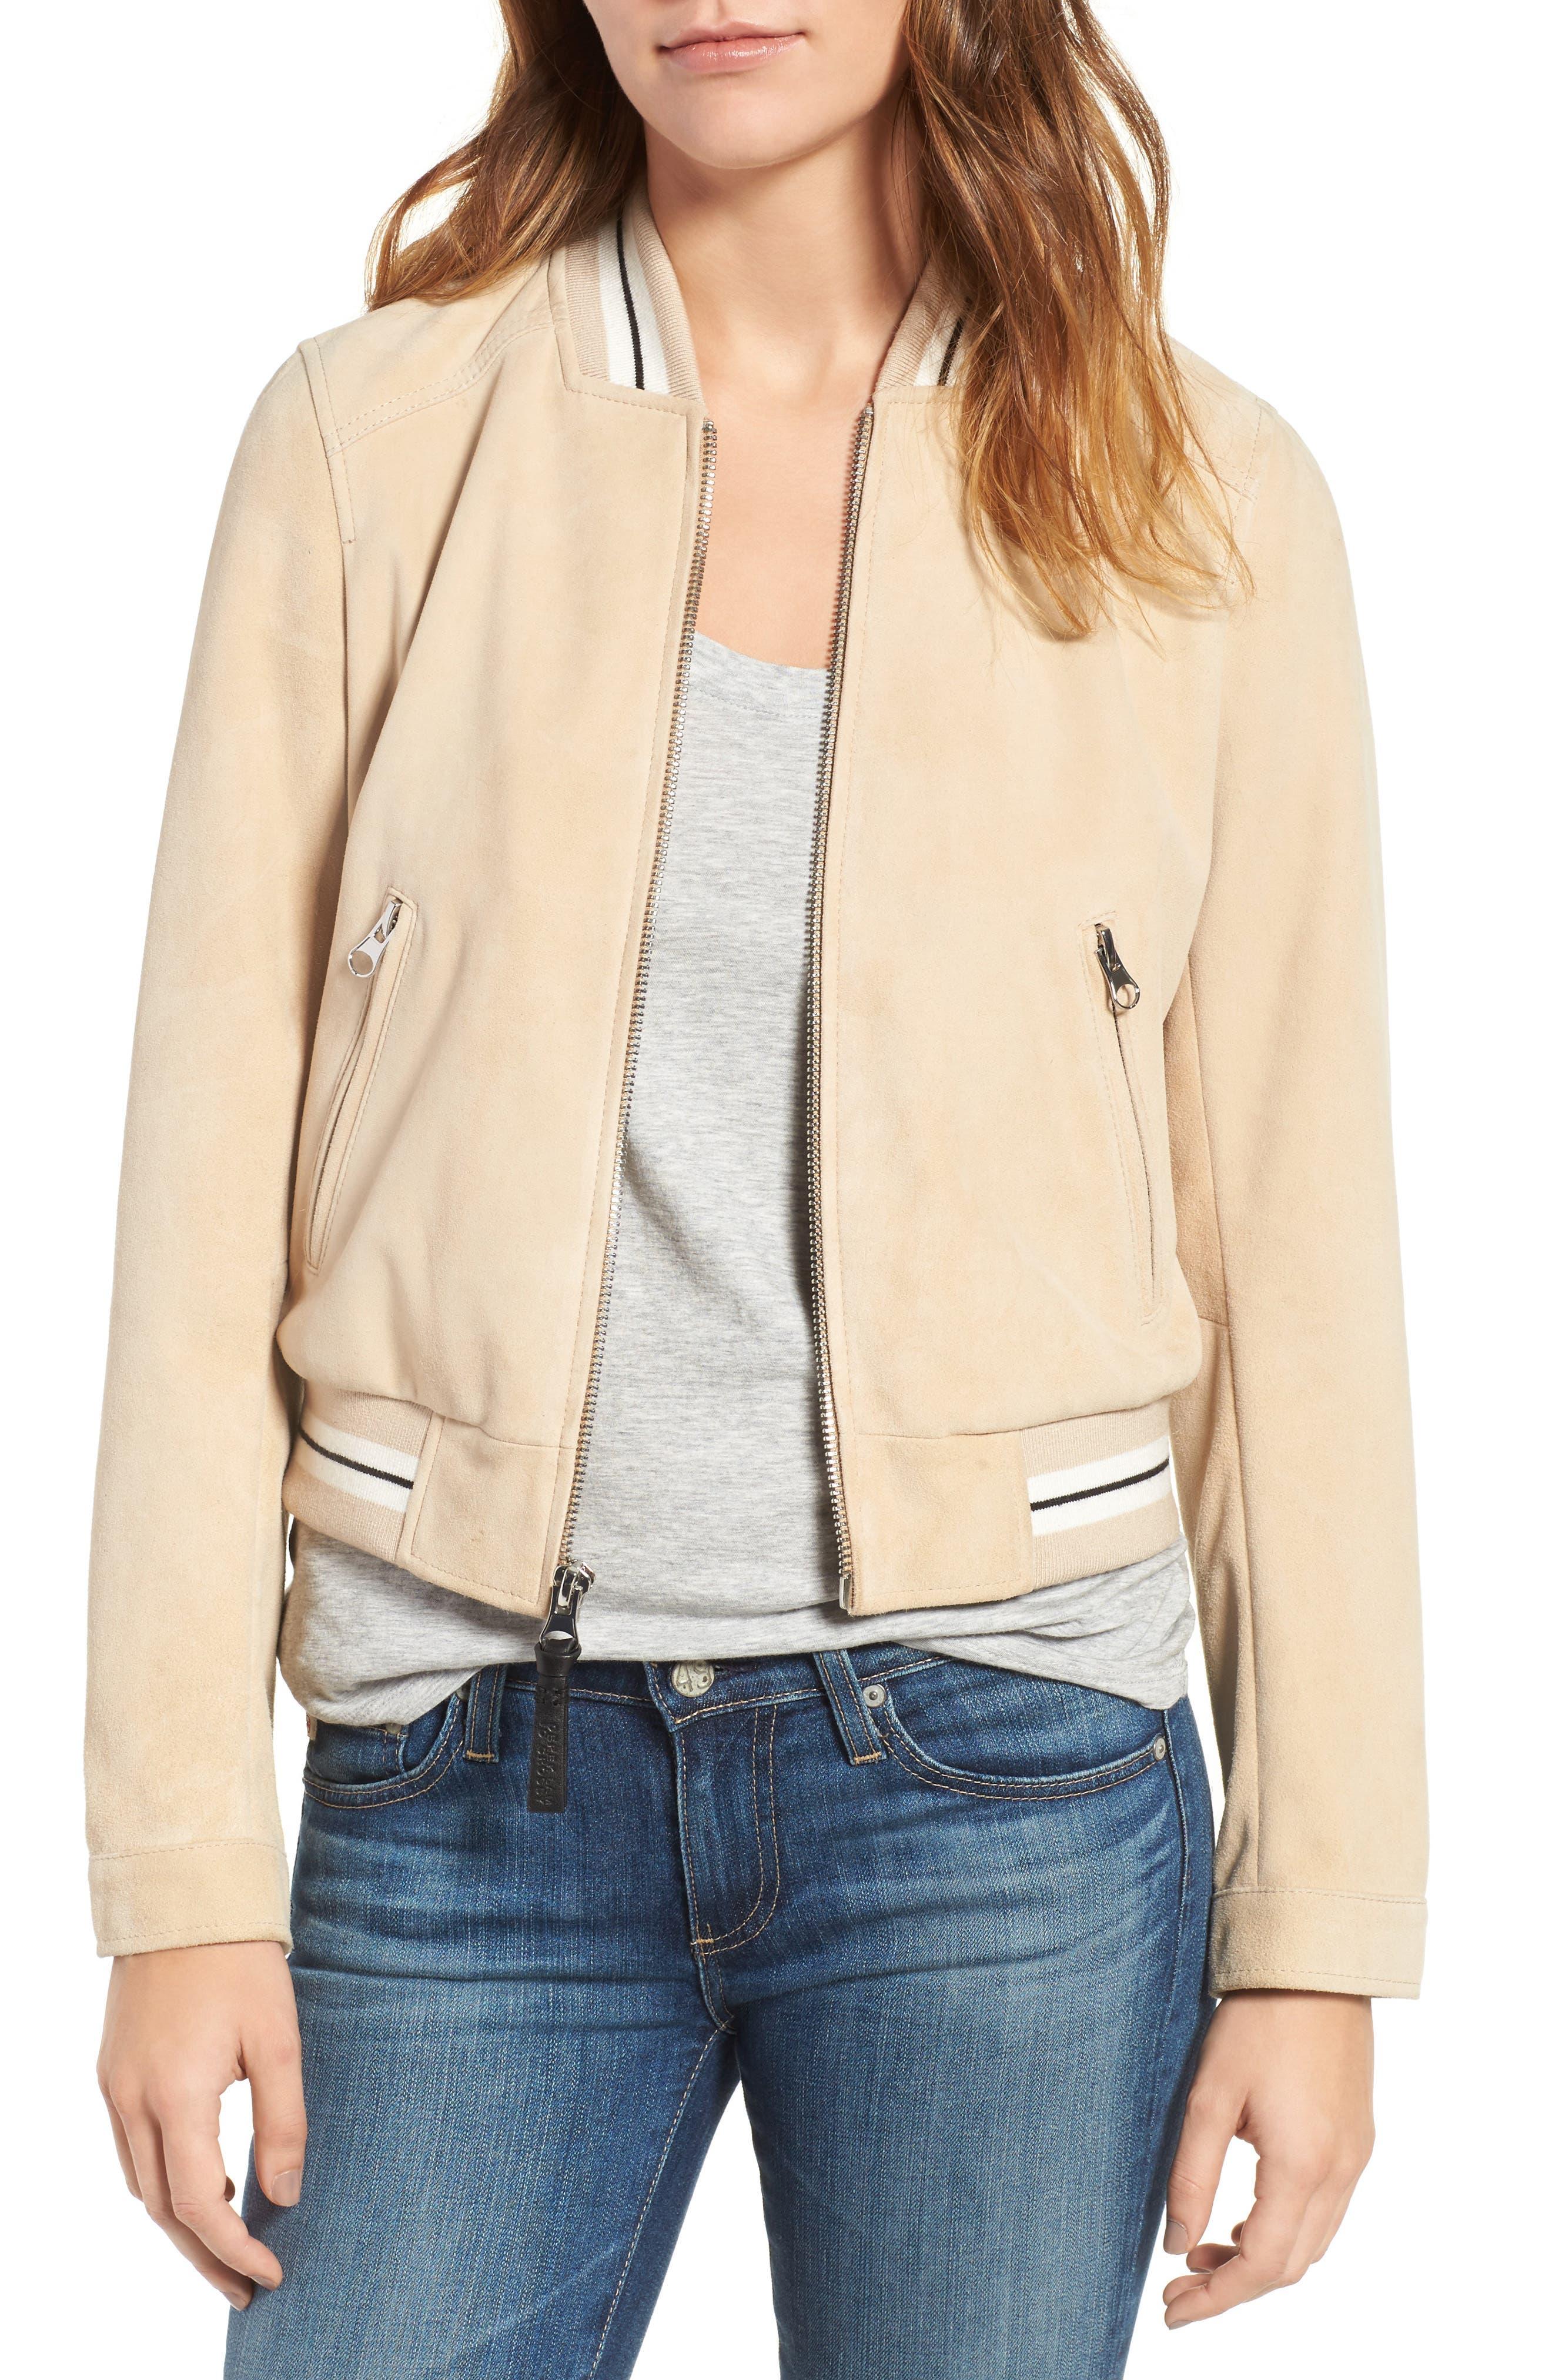 Main Image - Derek Lam 10 Crosby Suede Varsity Jacket